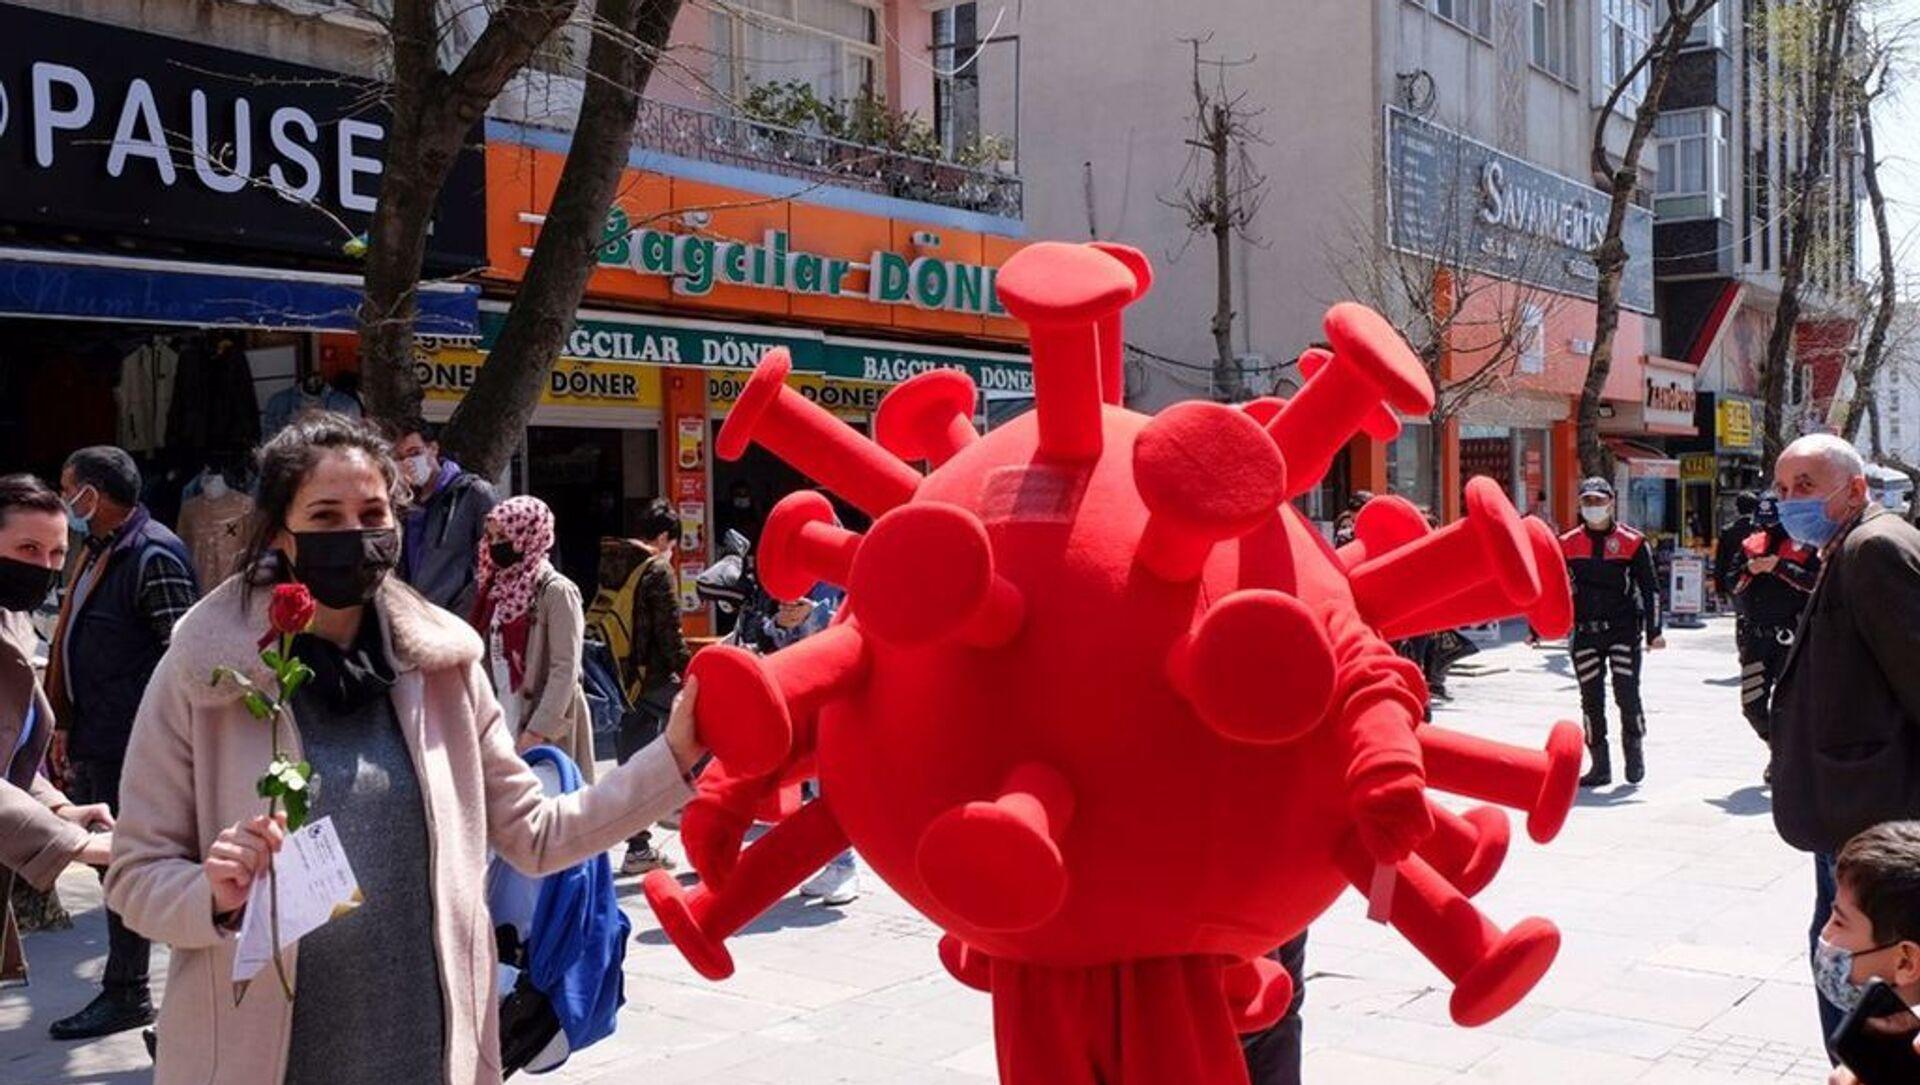 Bağcılar'da 'koronavirüs kostümlü' etkinlik: Kurallara uyanlara gül, uymayanlara kırmızı kart - Sputnik Türkiye, 1920, 12.04.2021